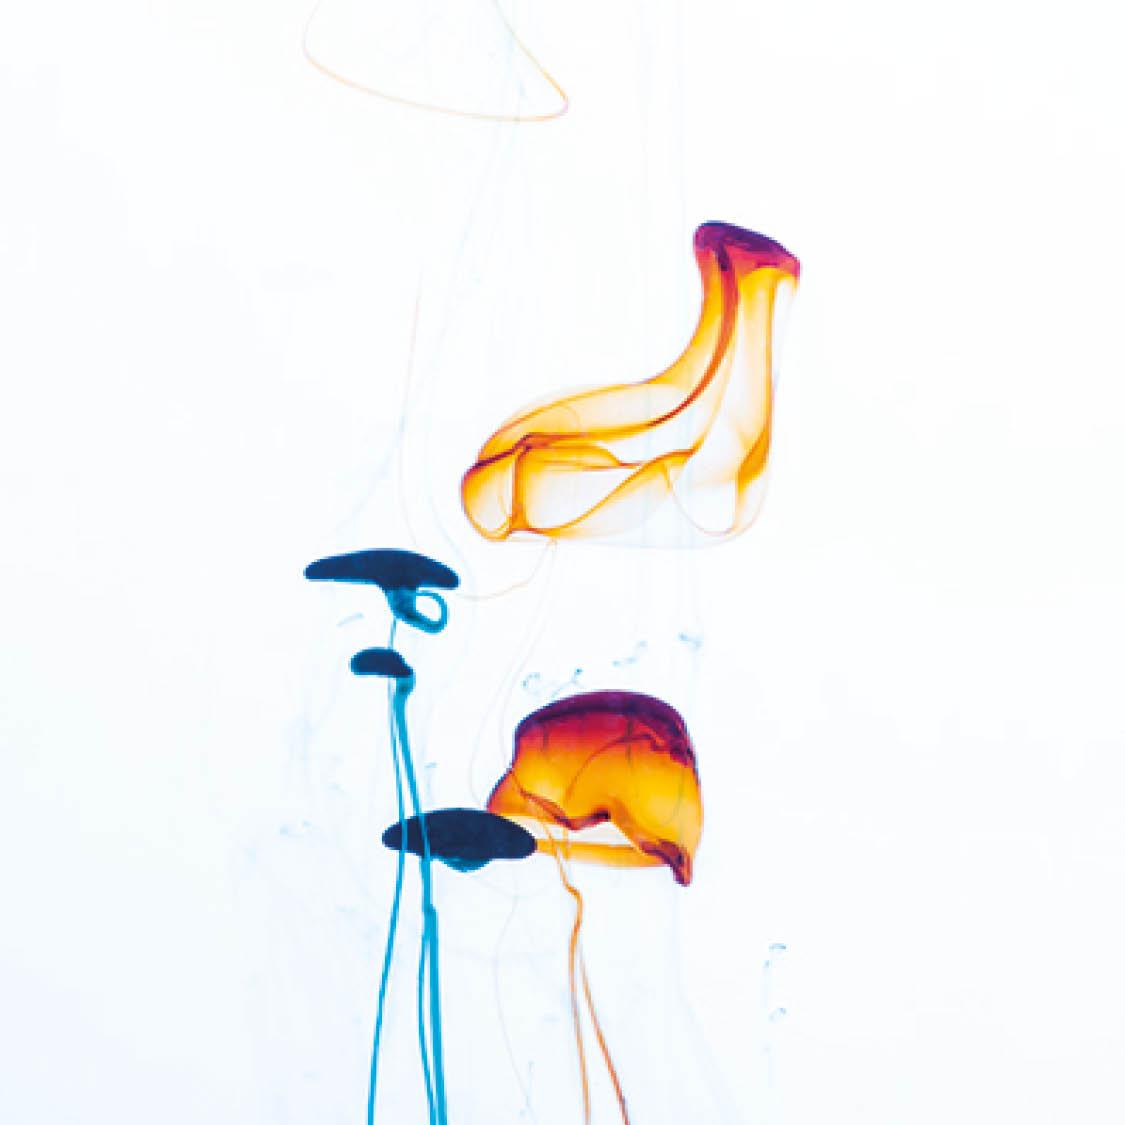 Anbudsskolor - bild på färgdroppar